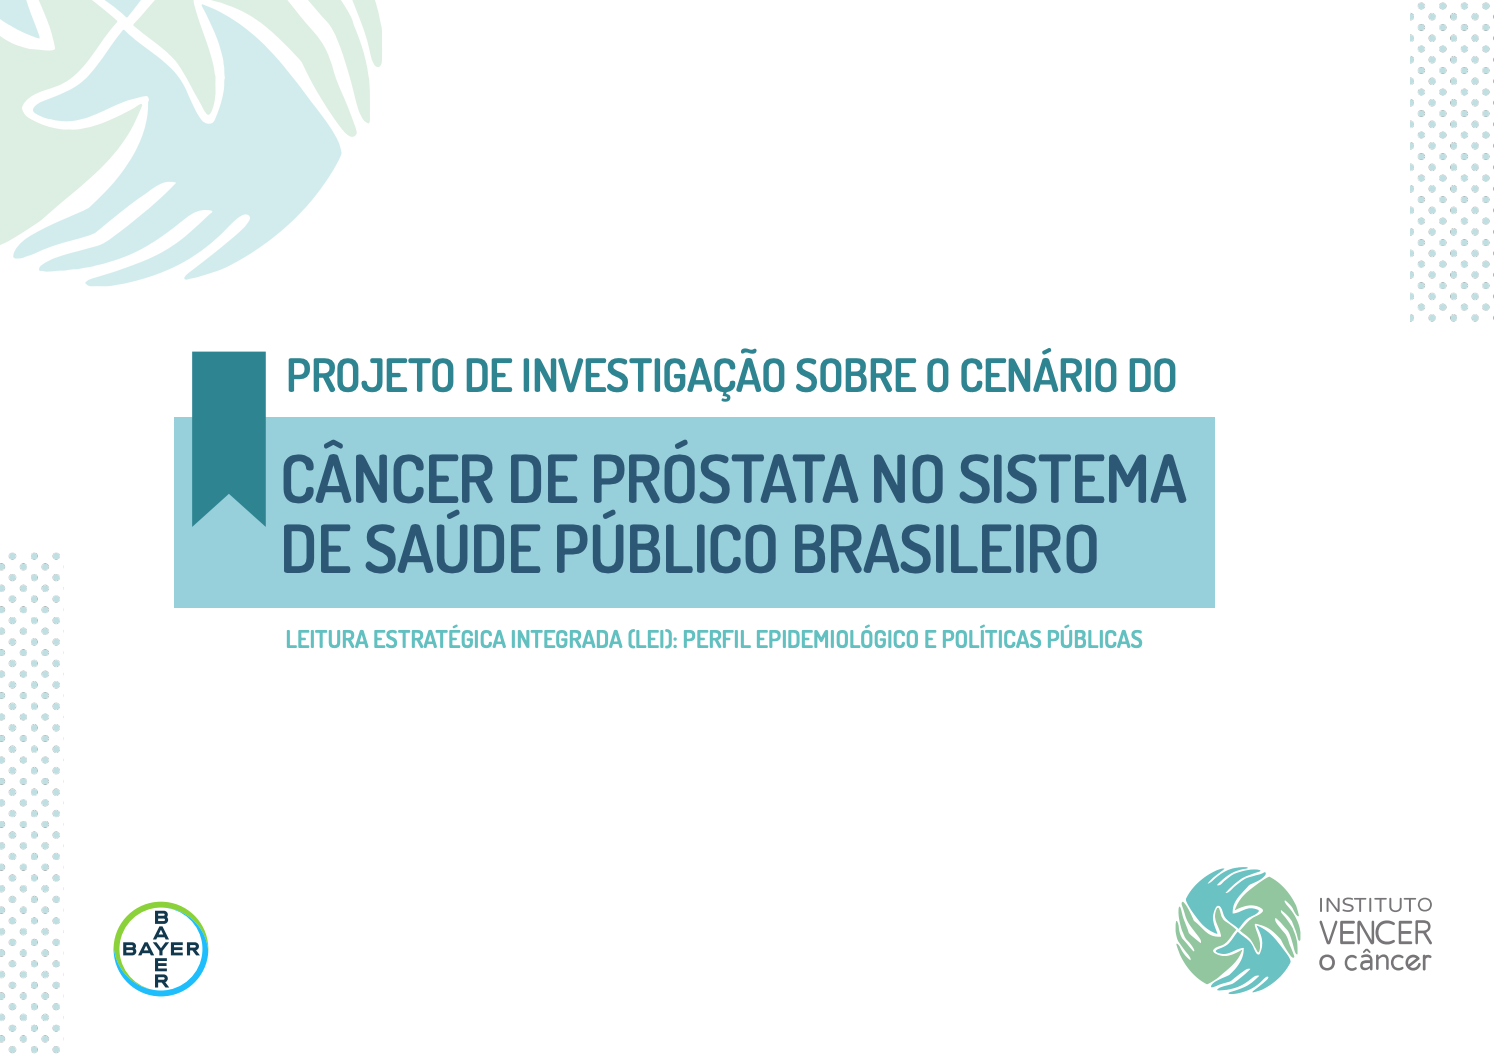 Projeto de Investigação sobre o cenário do Câncer de Próstata no Brasil 2